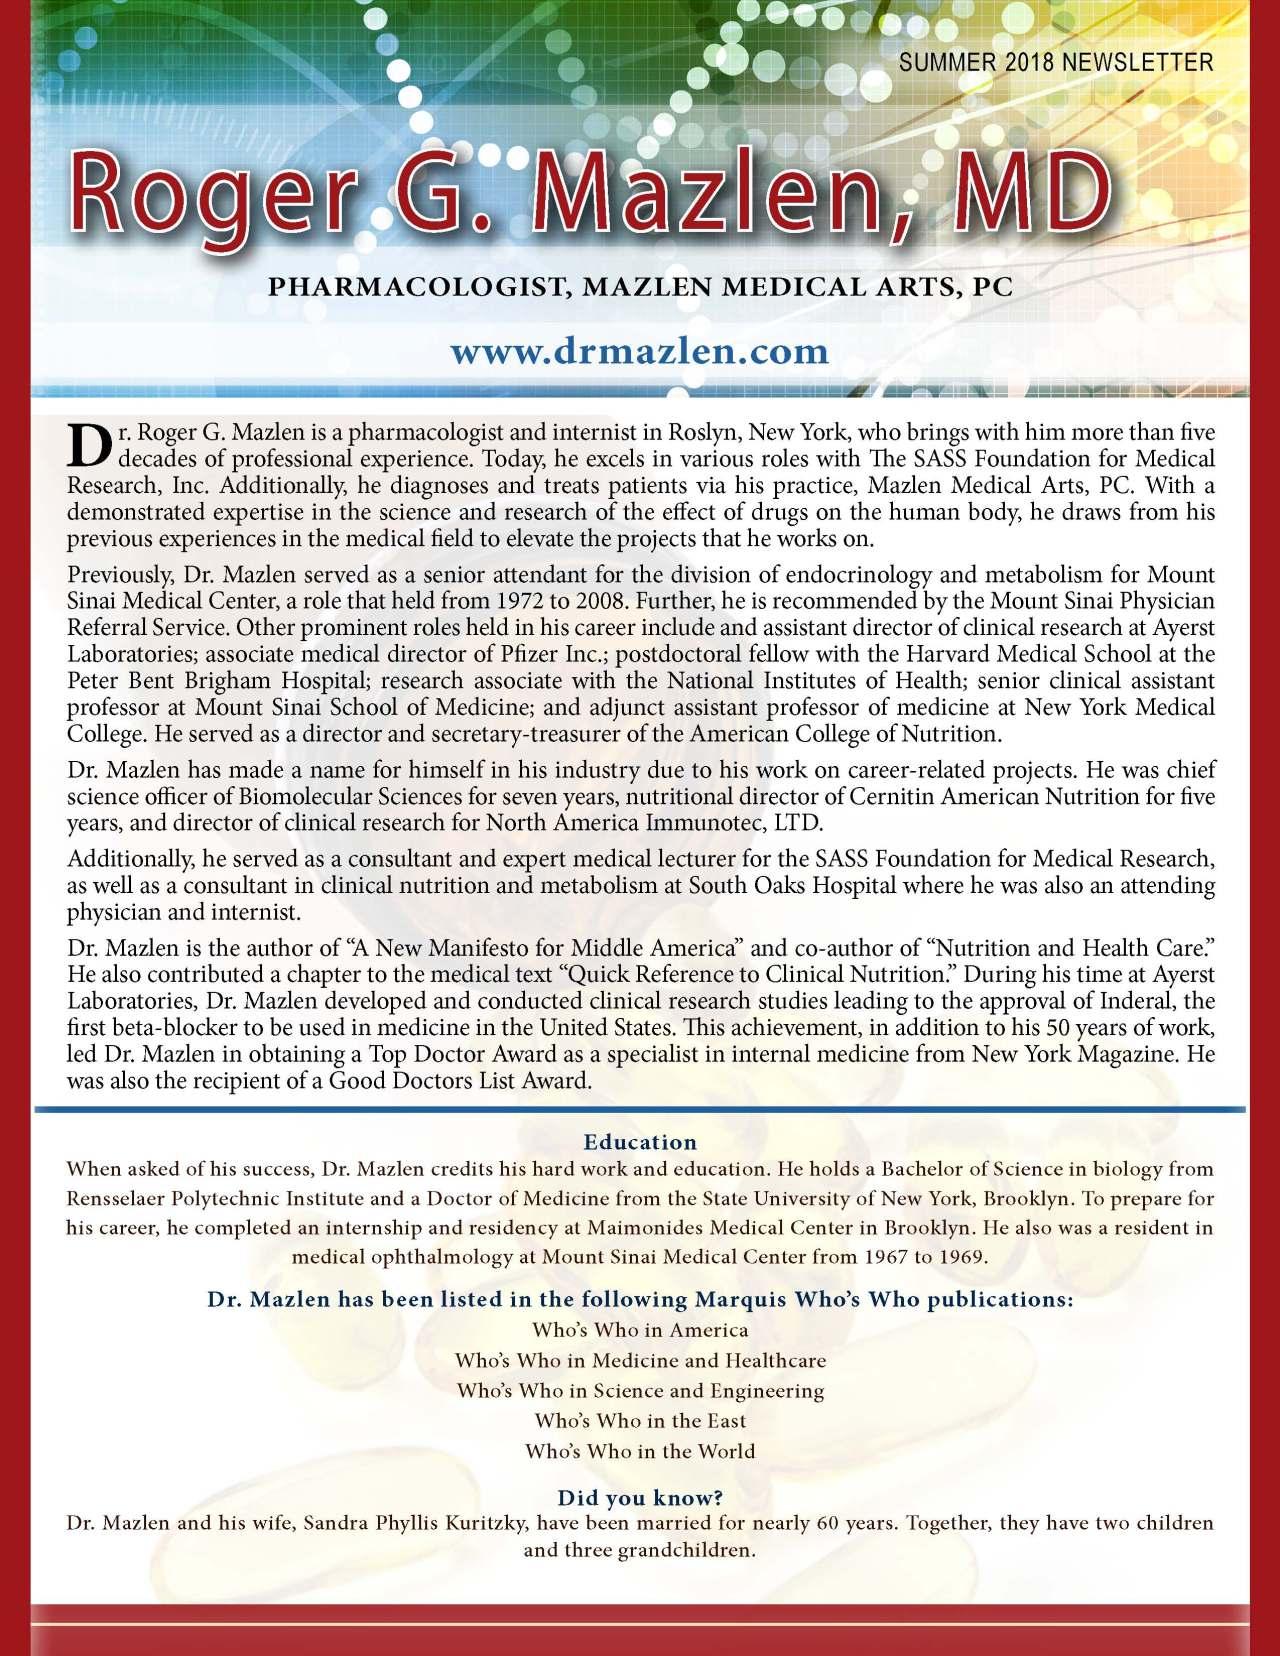 Mazlen, Roger 2139619_2837451 Newsletter REVISED.jpg